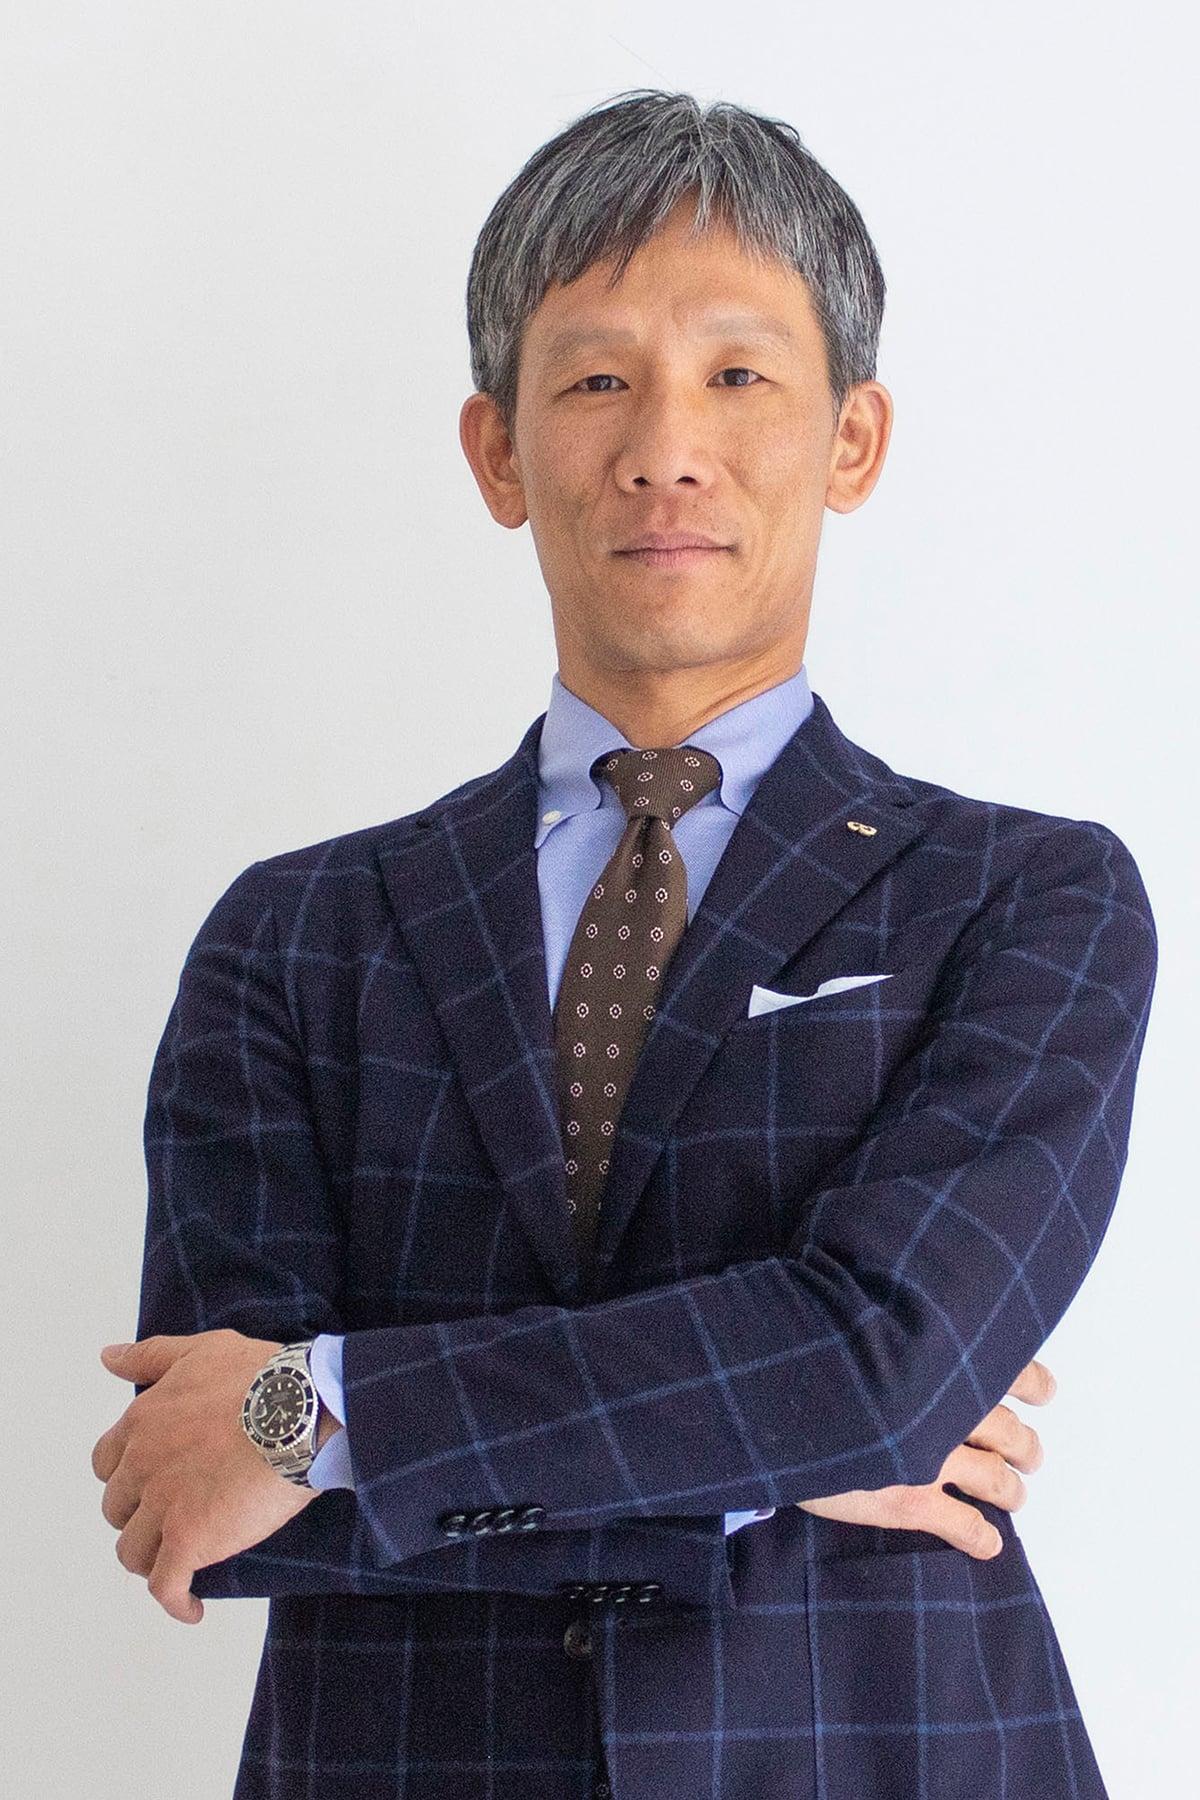 マルニ木工の社長の山中武。洗練されたデザインと高い技術、日本人特有のものづくりに対する姿勢や美意識など、マルニ木工のプロダクトを飛躍させた。